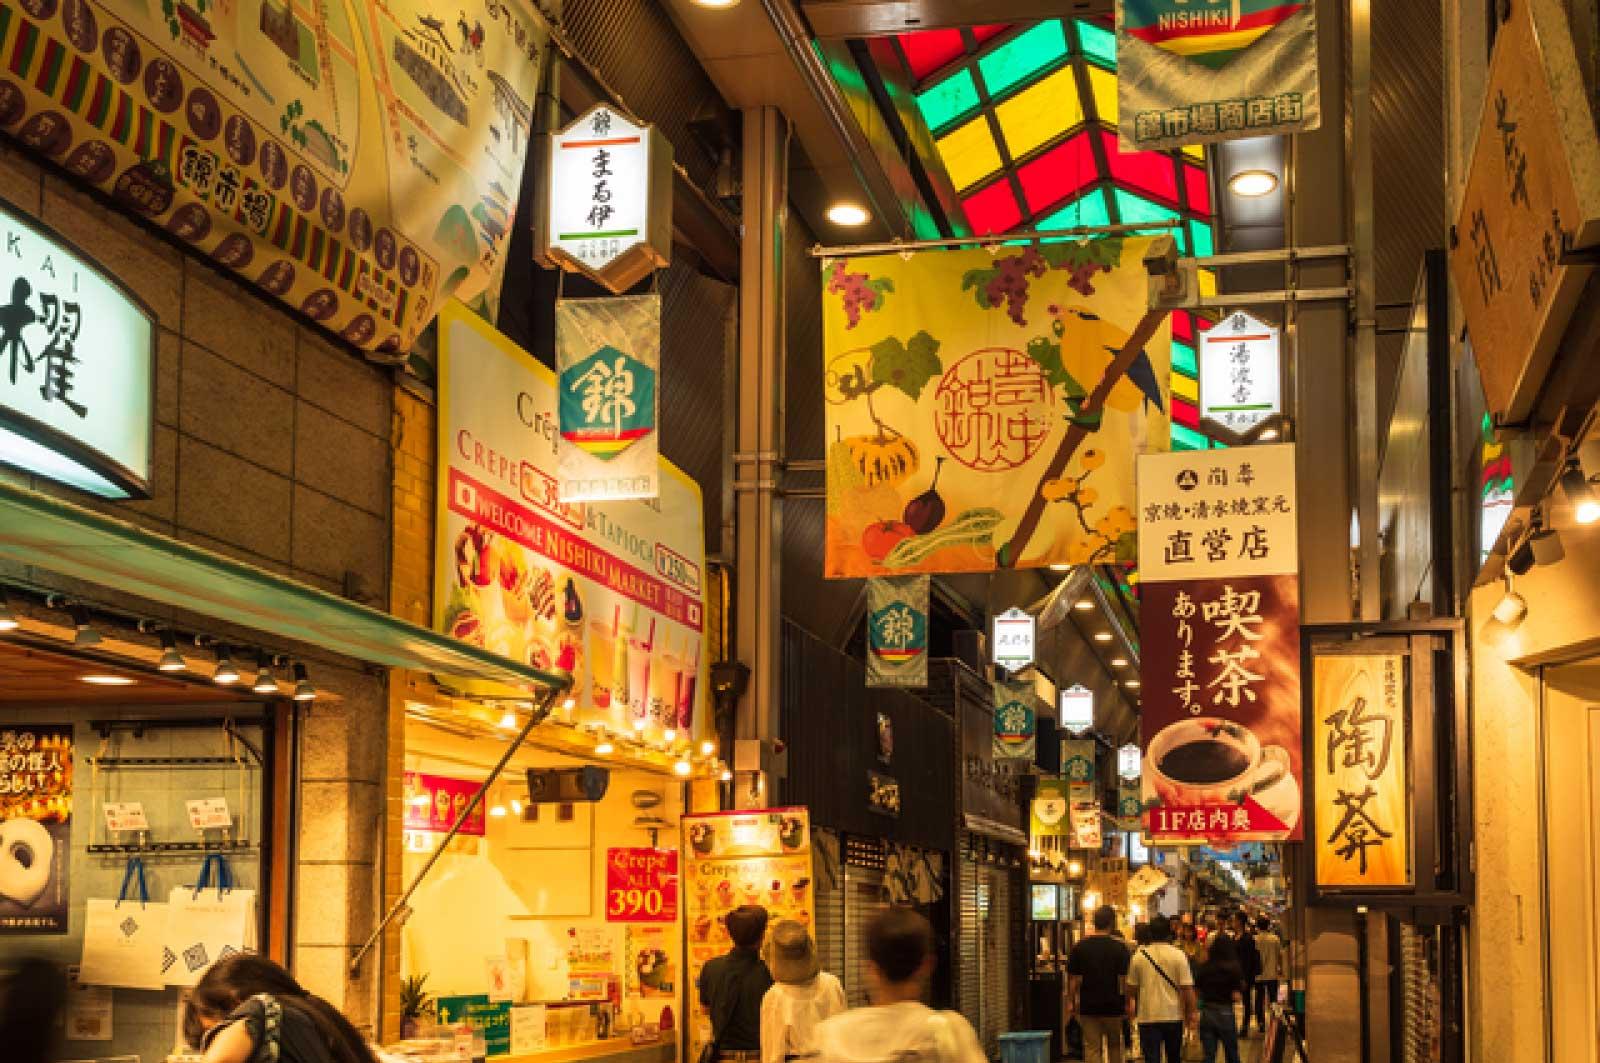 京都には様々なご当地グルメとなりそうなものがたくさんある